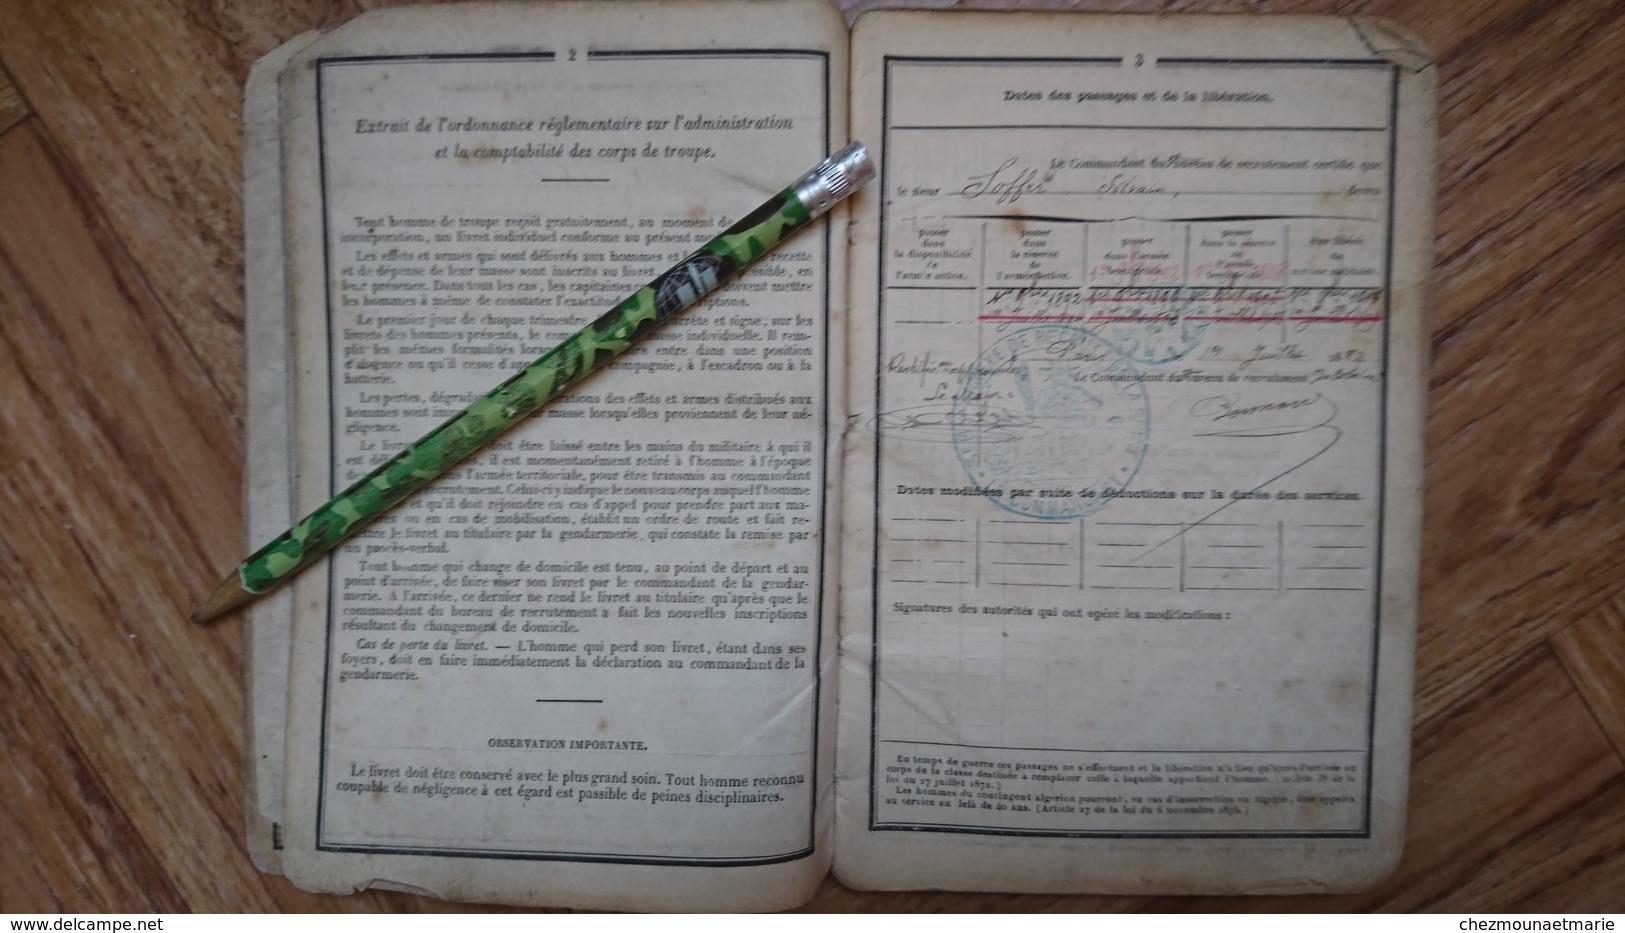 SYLVAIN SOFFER PARIS CONFESSION JUIVE JUIF MERE CAHEN EPOUX BAUMANN BCP EPERNAY LONGWY CL 1888 LIVRET MILITAIRE - Historical Documents